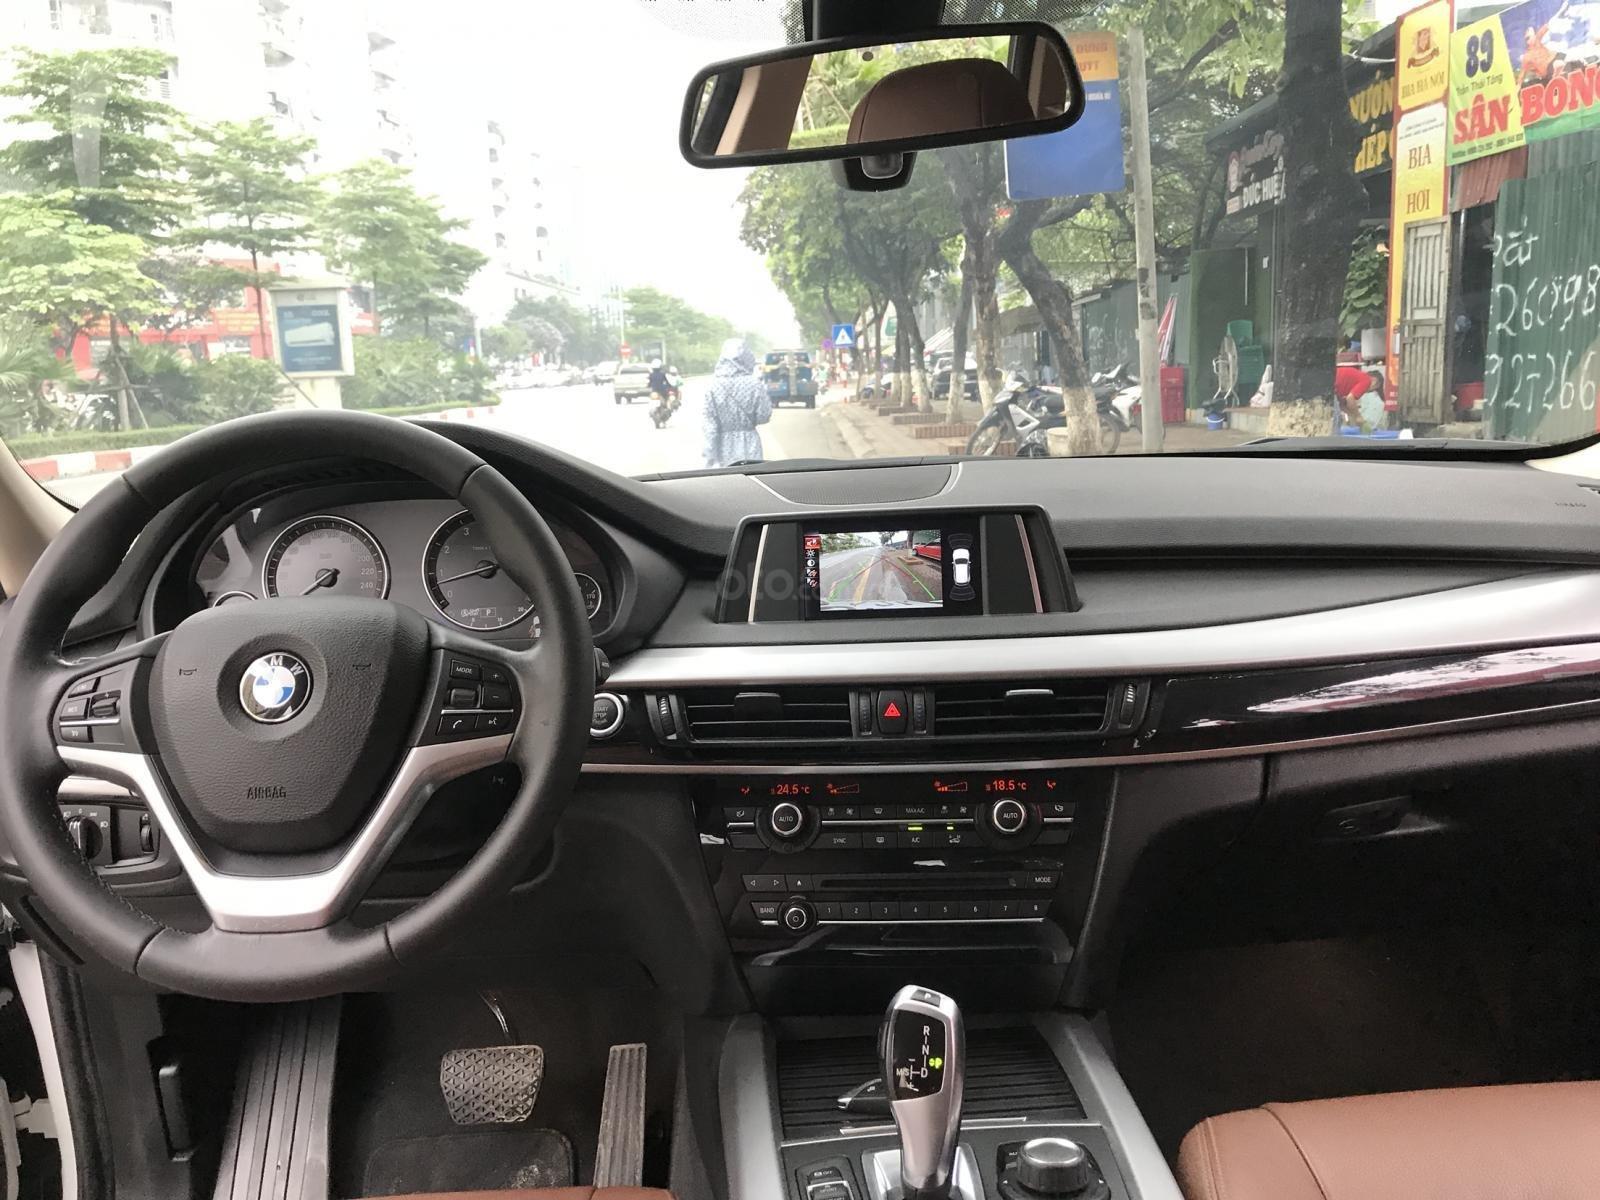 Chính chủ bán xe BMW X5 sản xuất 2016 màu trắng (8)